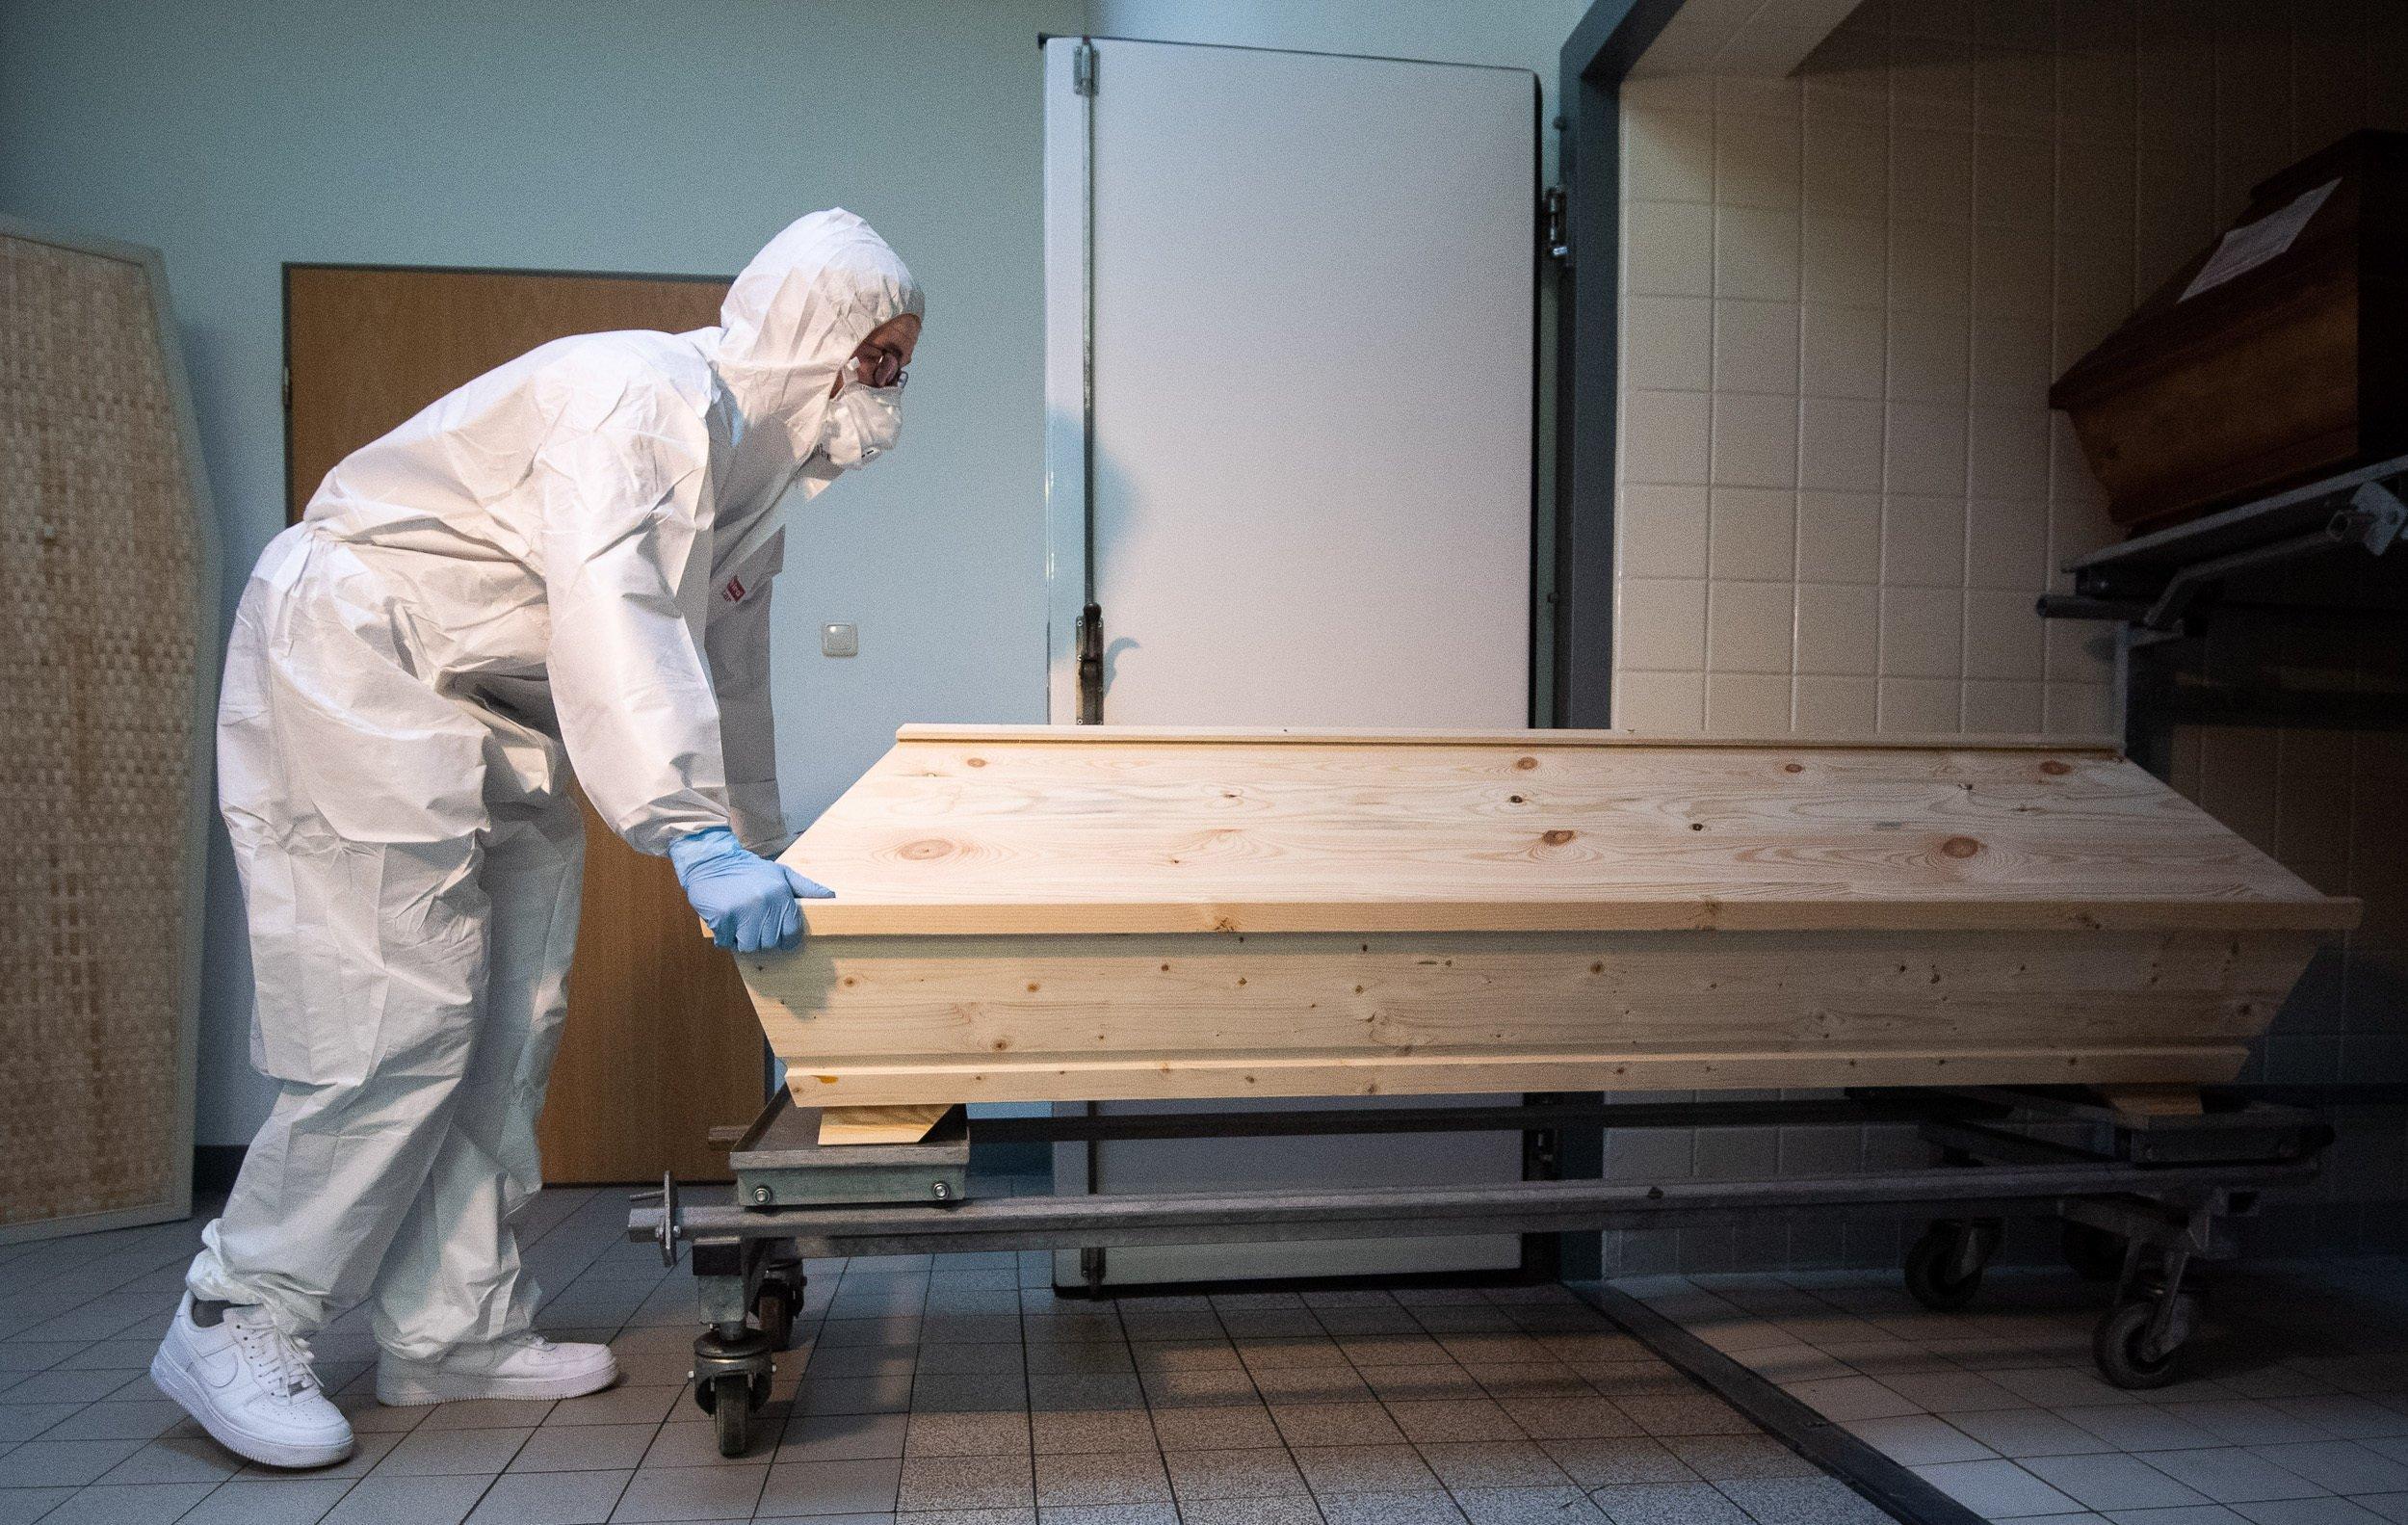 Ein Mann im Ganzkörperanzug, mit Gesichtsmaske und Handschuhen schiebt einen hellen Holzsarg auf einem Rollwagen in eine Kammer. Darin sind weitere Särge zu sehen.